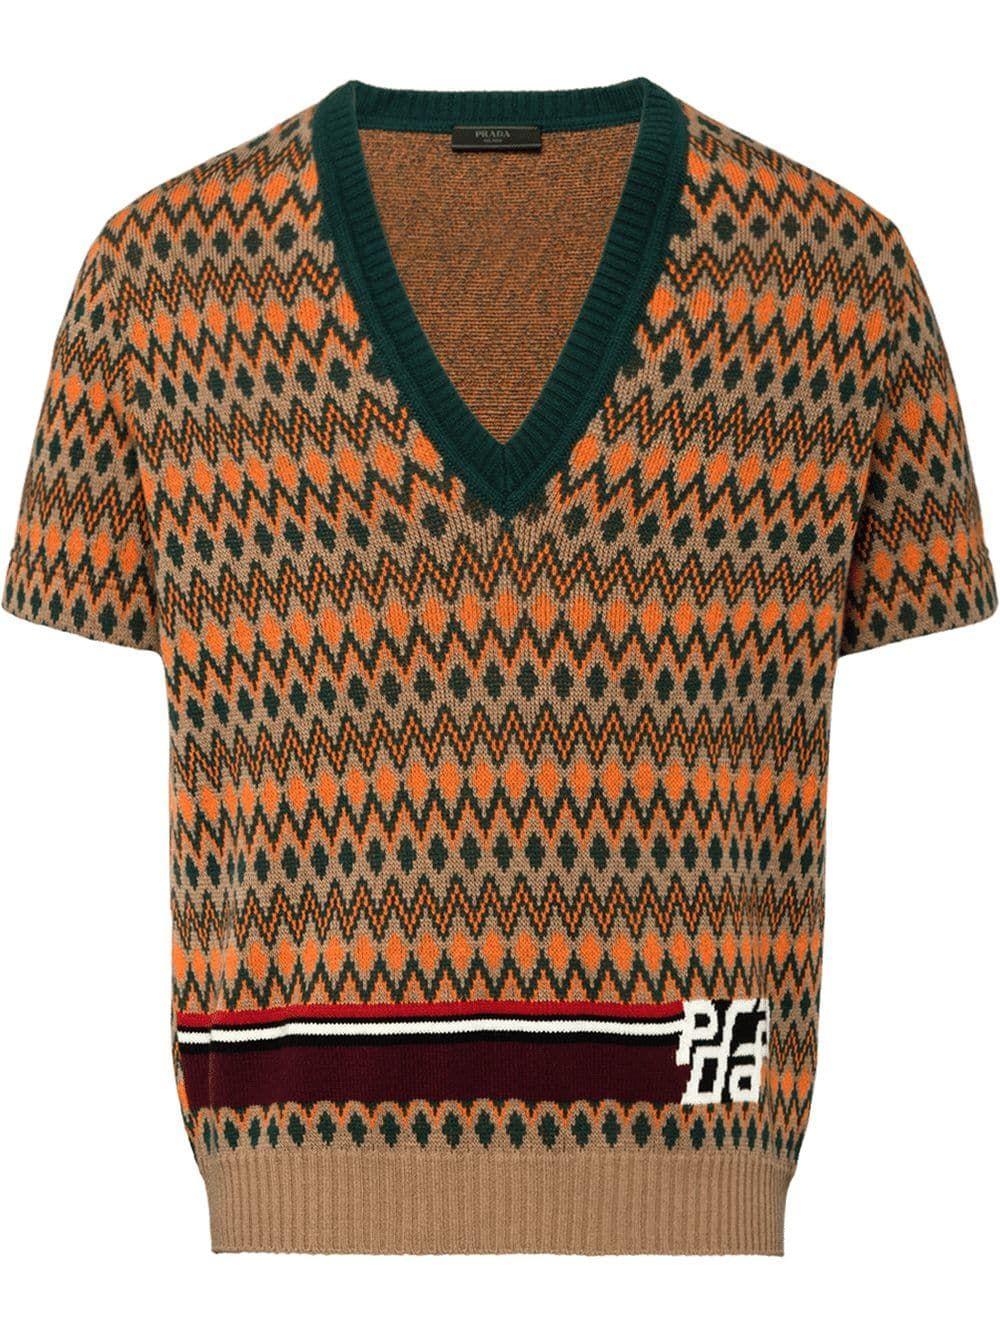 """e54e2105c553 PRADA"""" jacquard short sleeve sweater #F0040 CAMEL BROWN. £620.  UMA872S1821R87."""